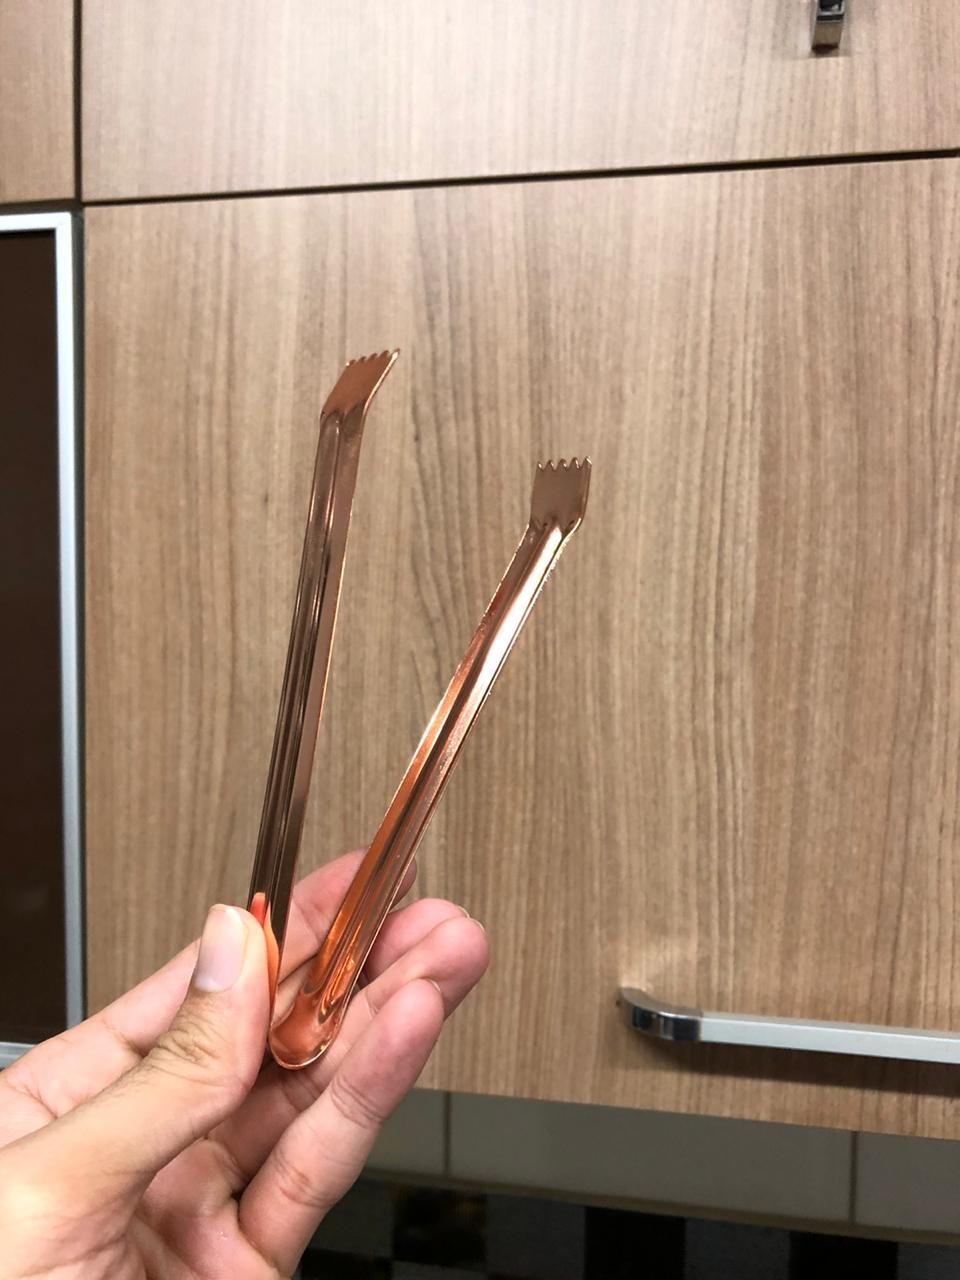 Pegador de gelo salada cozinha pinça culinária aço inox cor cobre 15cm